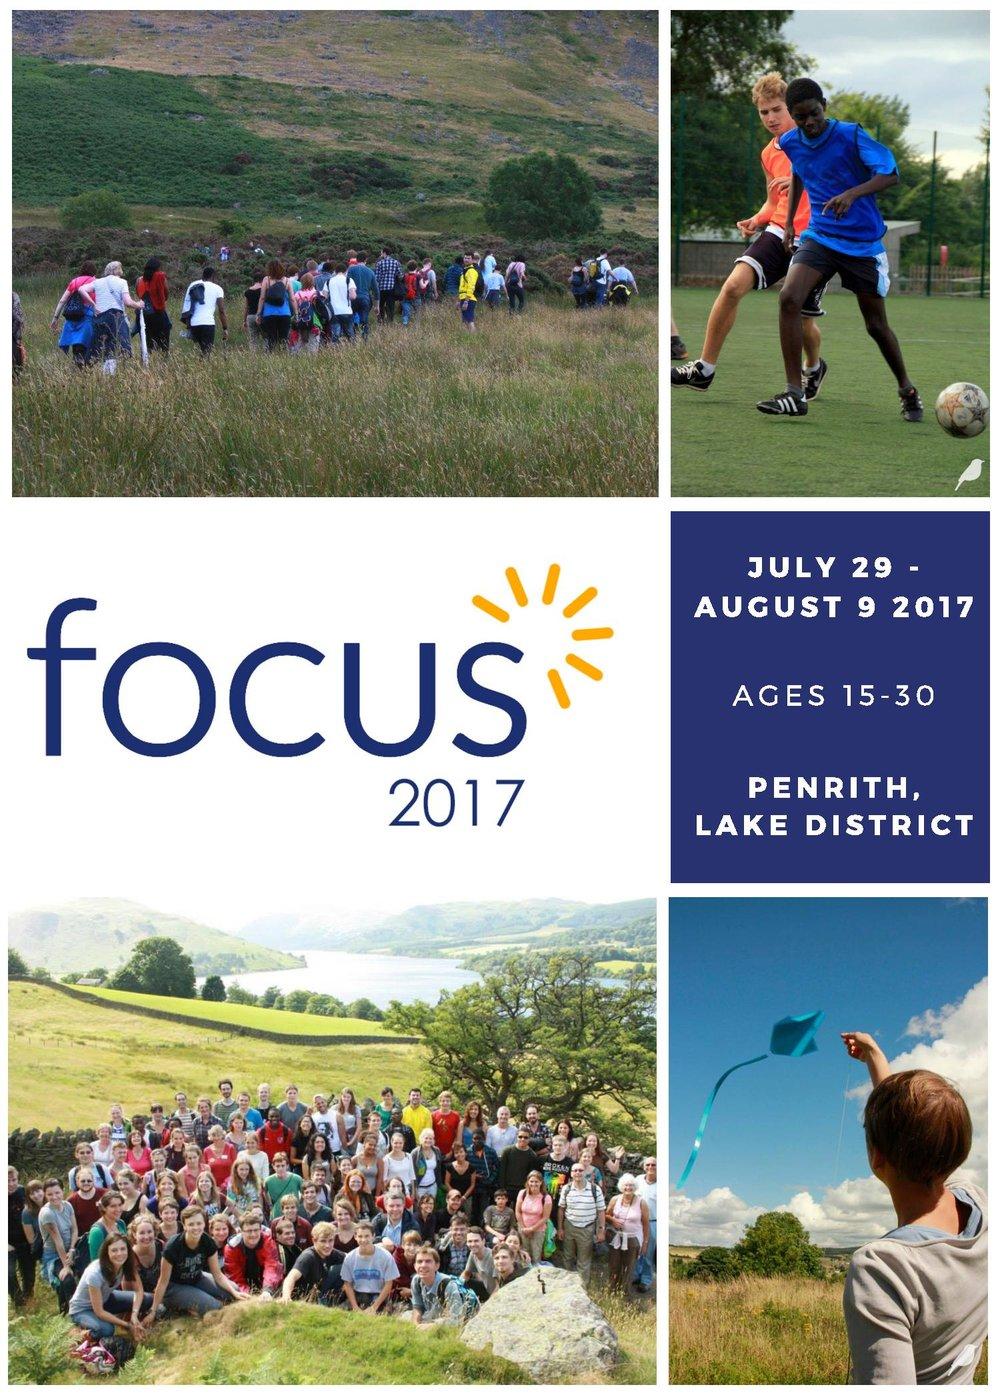 Focus2017leafletreva-page-001.jpg